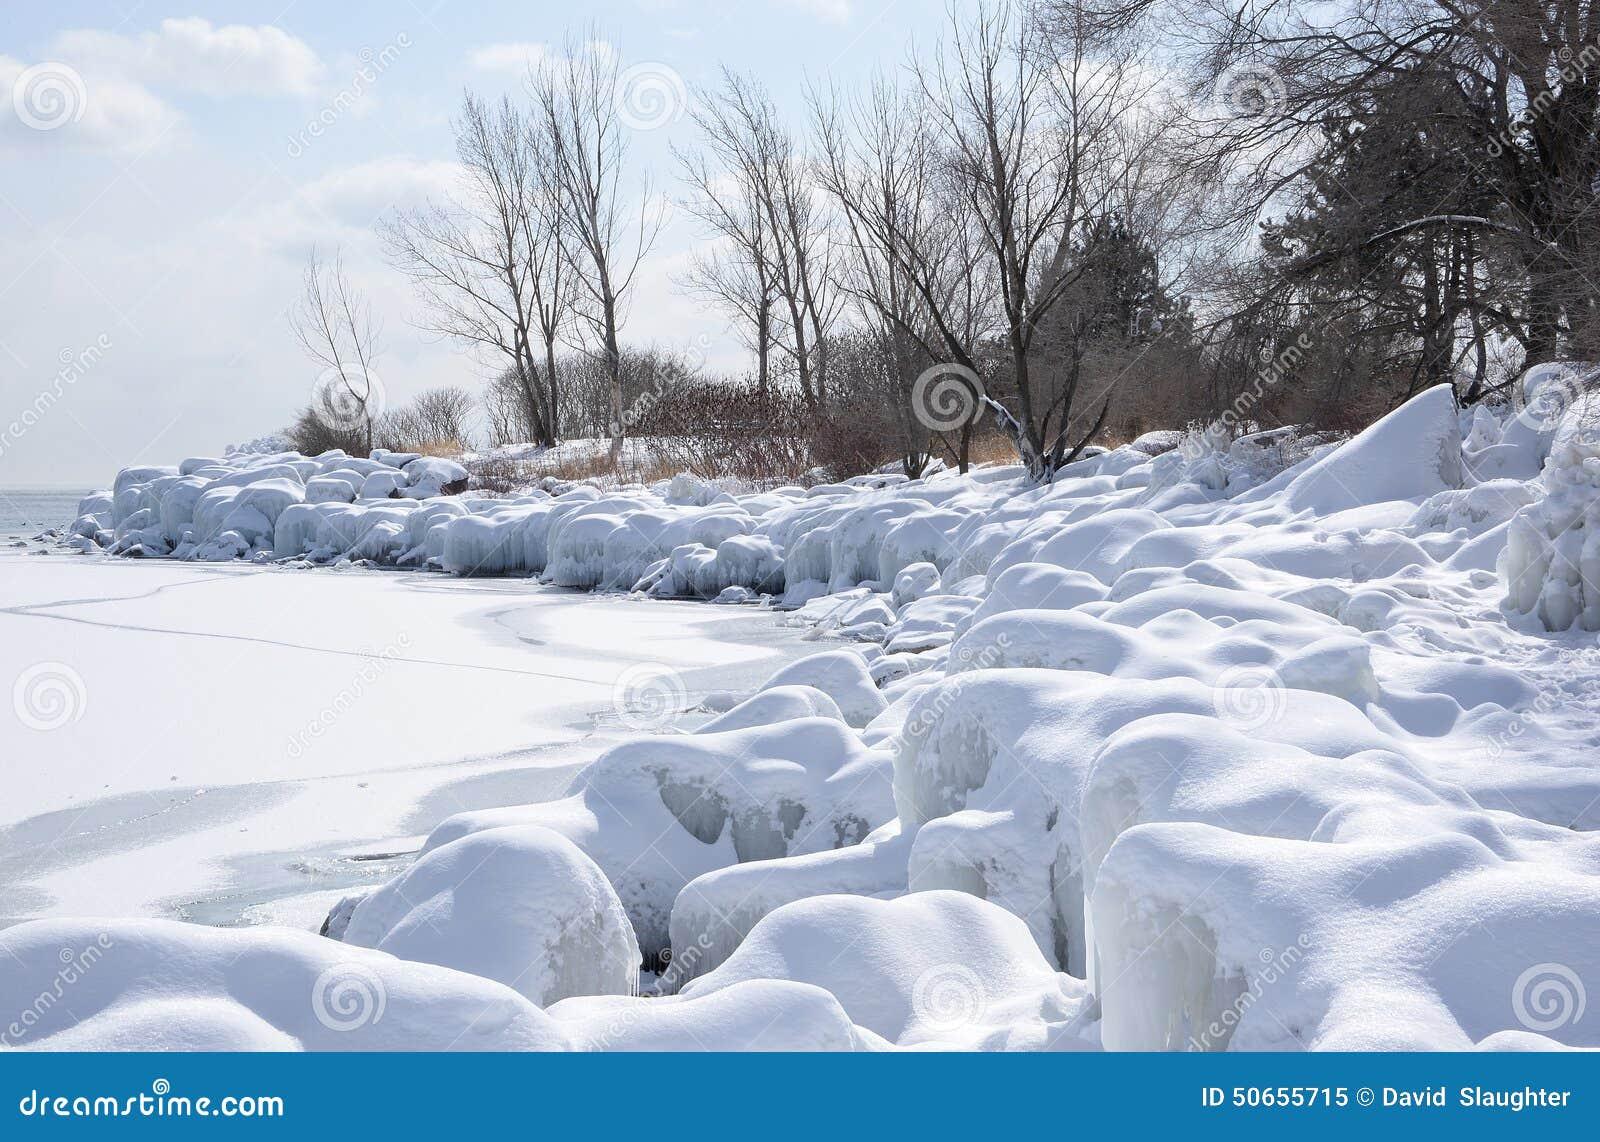 deportes hielo lago manta nieve ontario